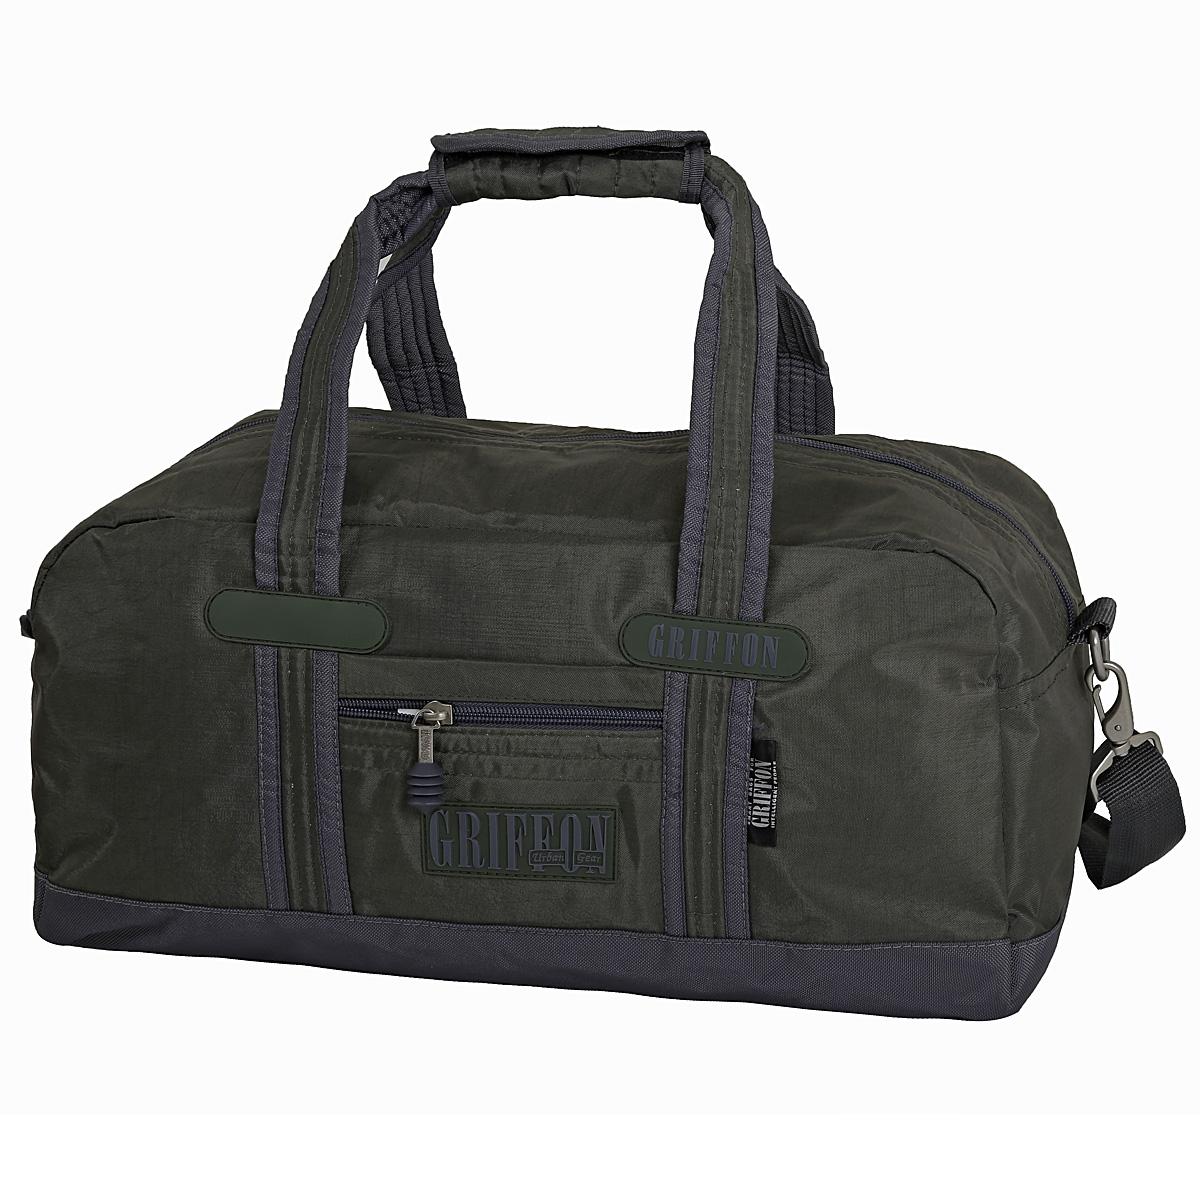 2c67de33f768 Спортивные сумки для фитнеса купить недорого в интернет-магазине Tasche.ru